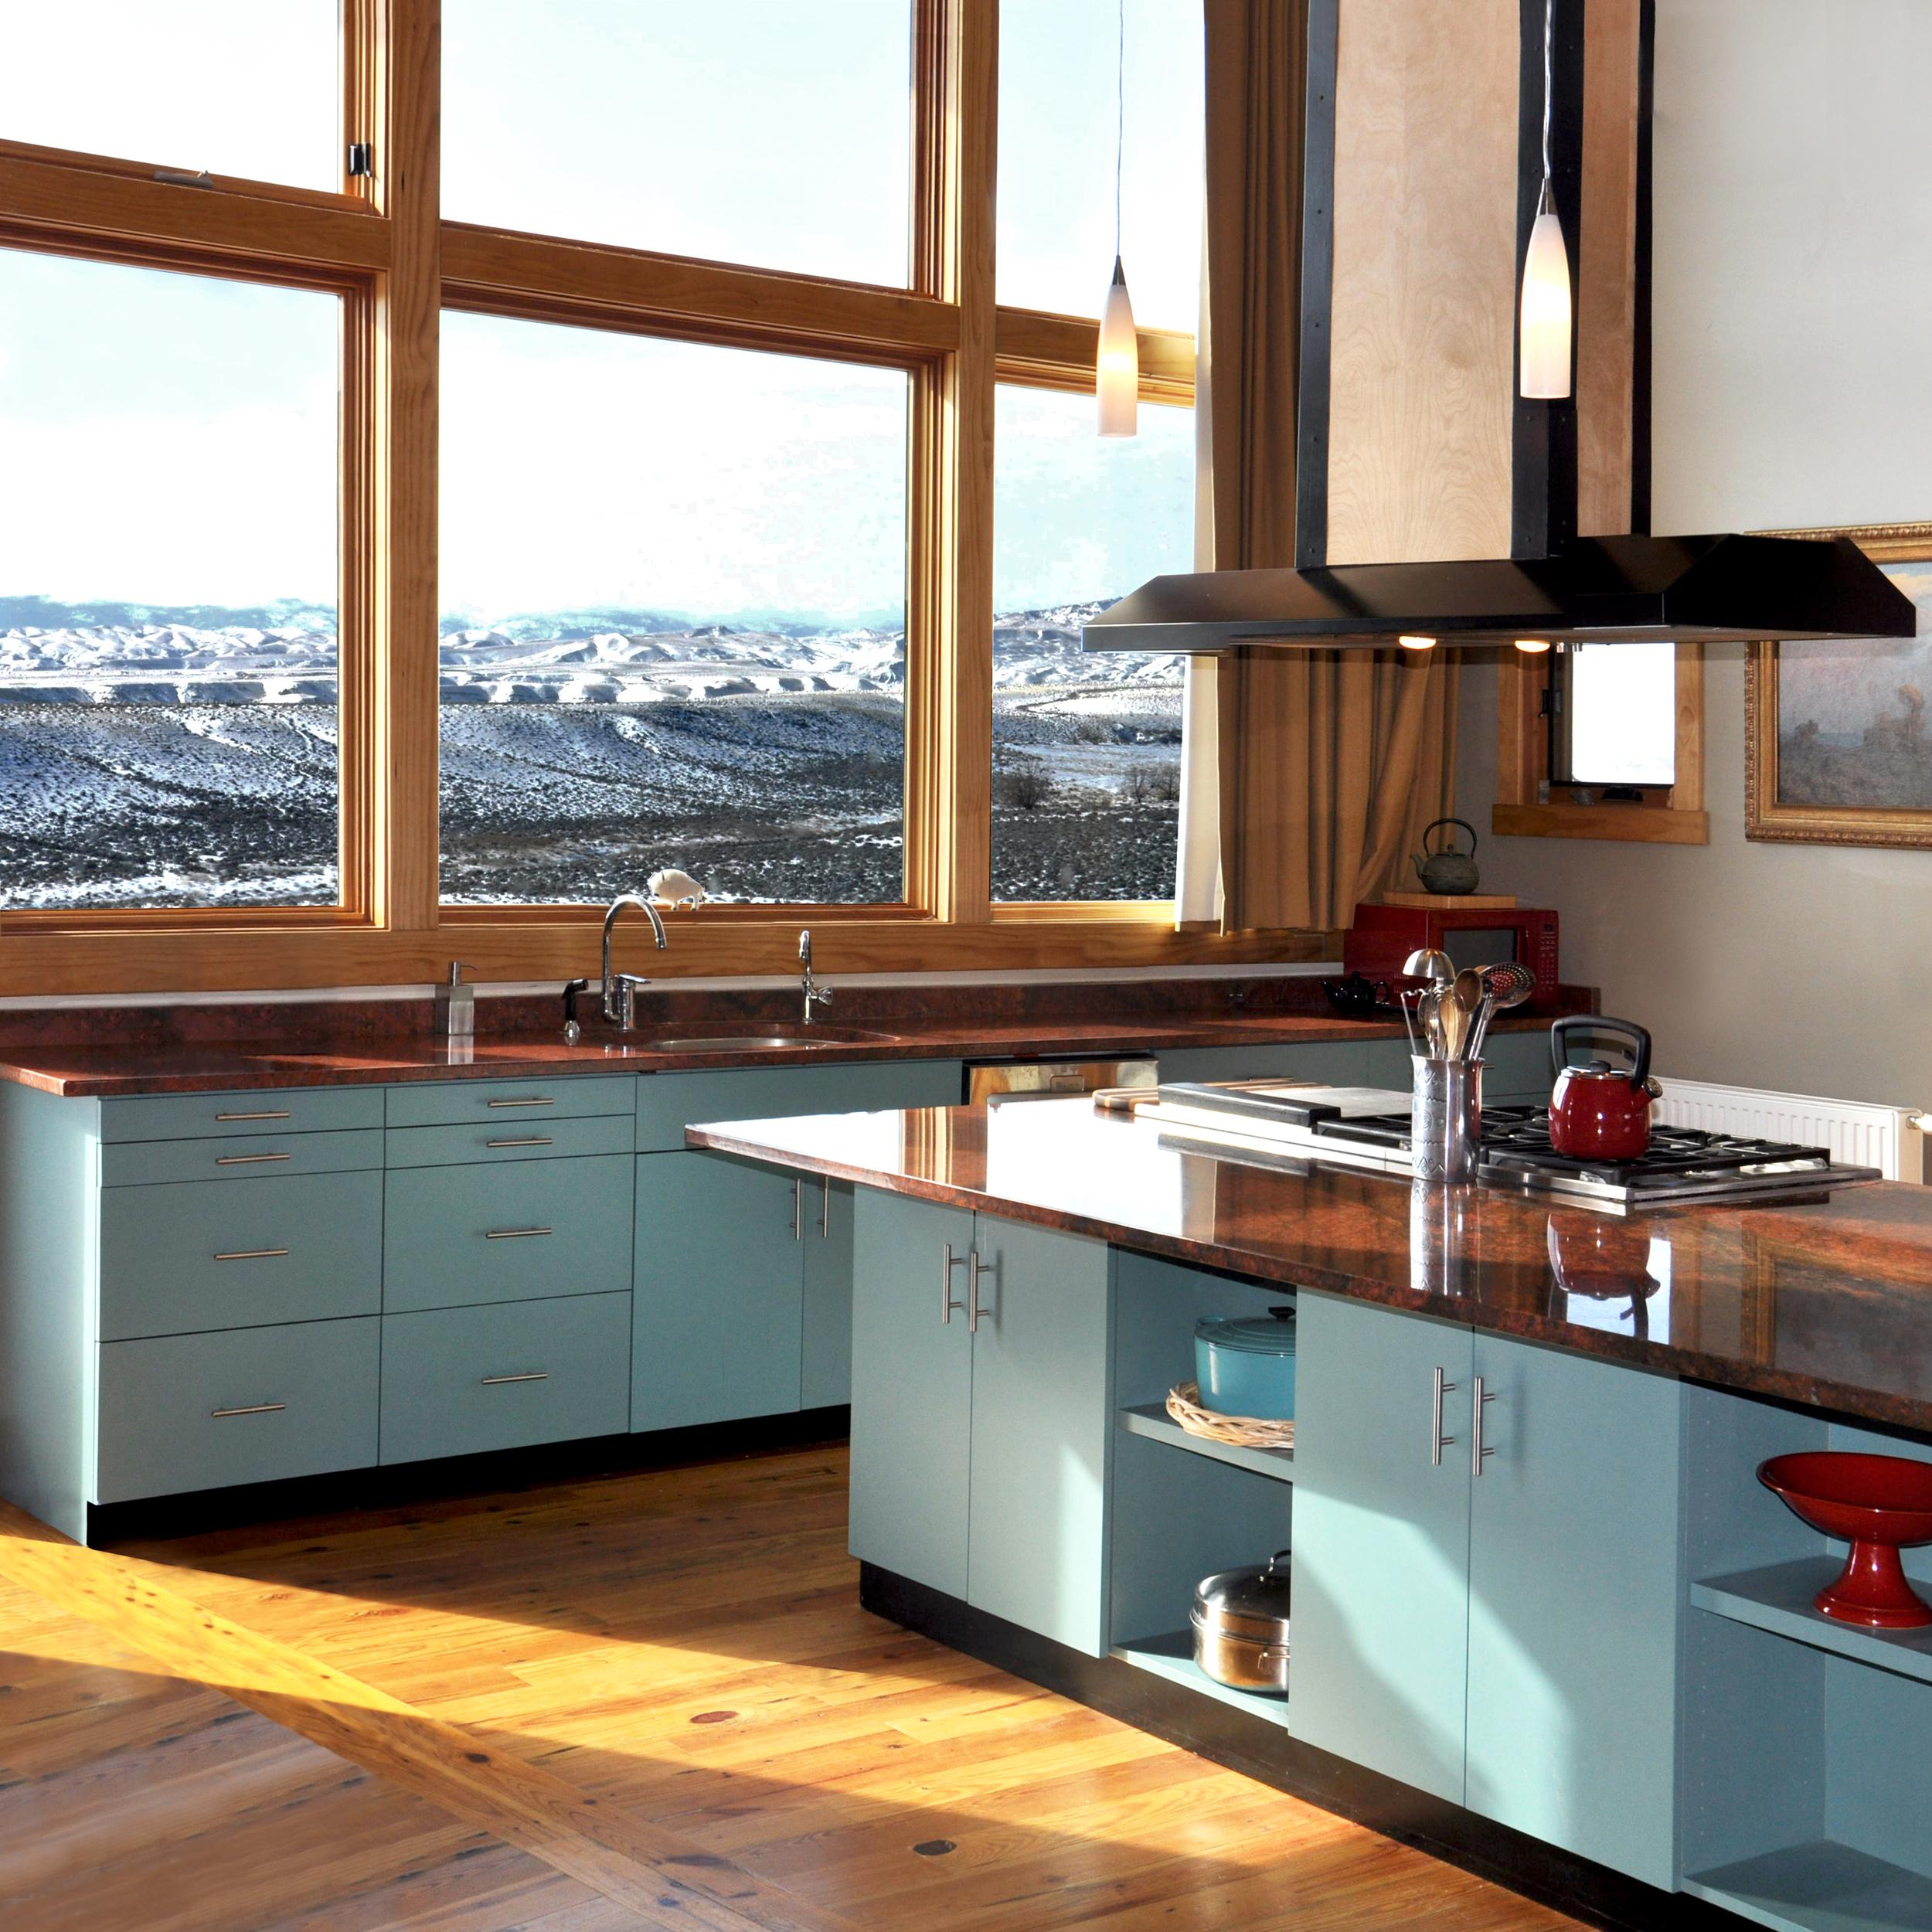 Ranch Kitchen View.jpg